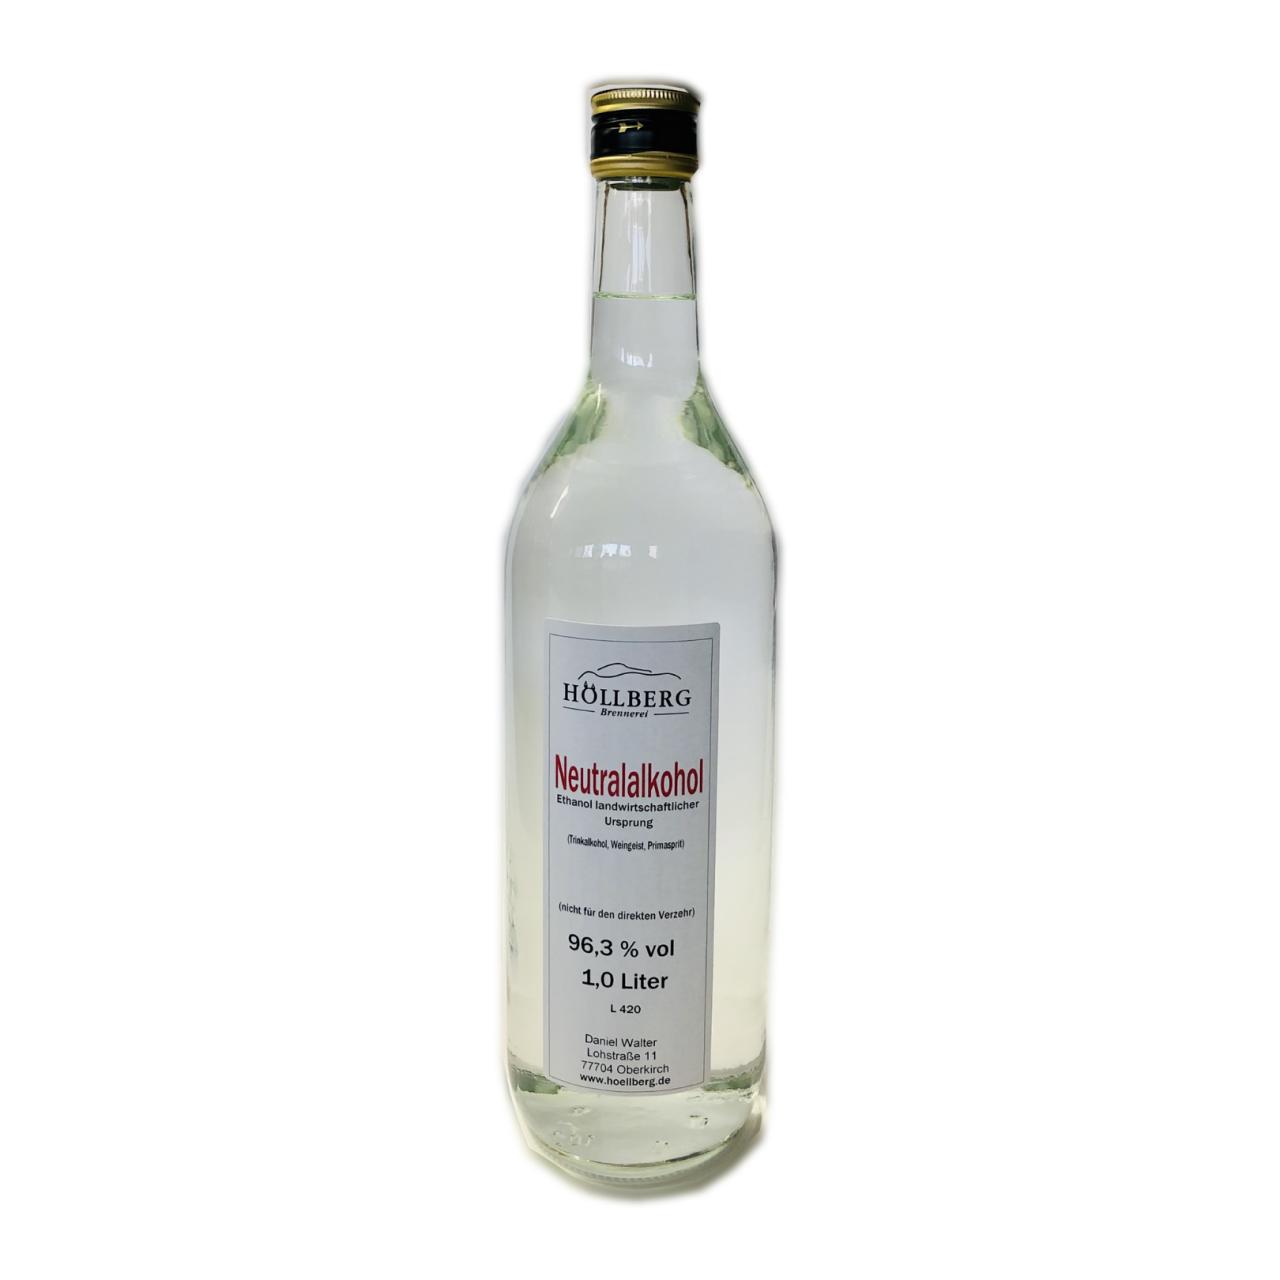 Neutralalkohol 96,3 % vol.